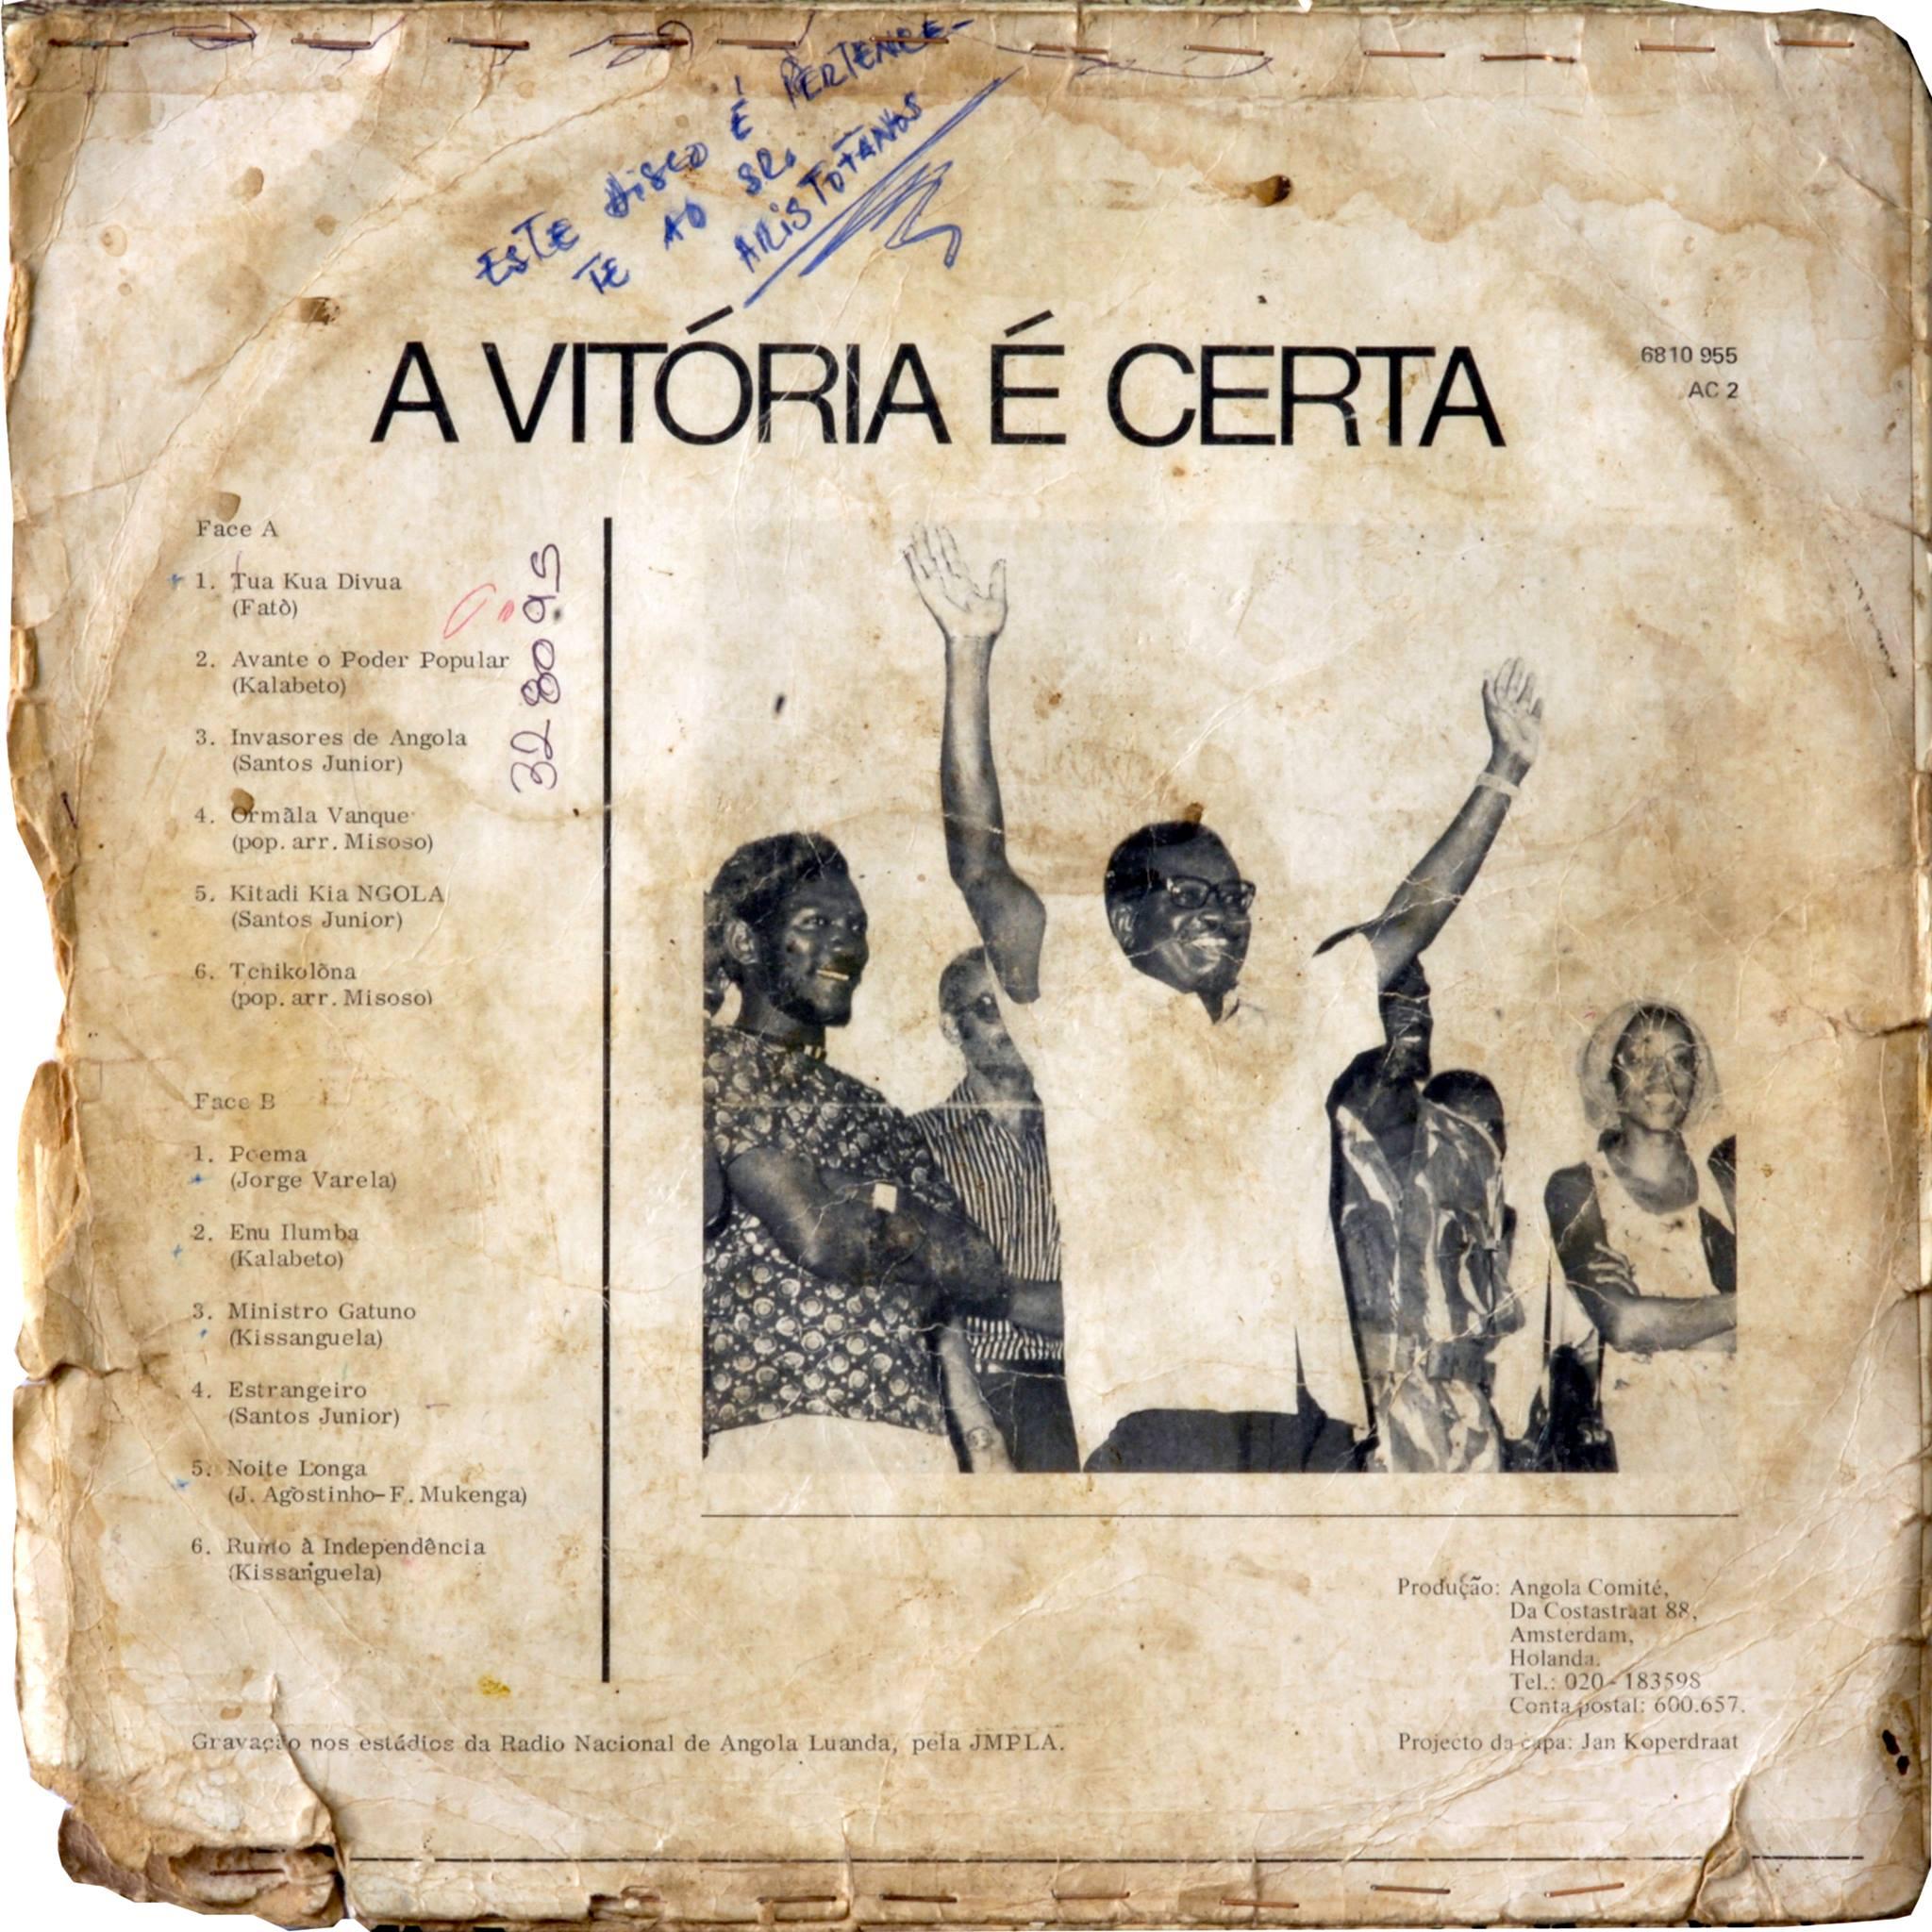 Fotografia realizada para Documentário Dipanda'75, Autor: Alexandre Nobre, Espólio Rádio Nacional de Angola (RNA), registos autorizados para realização de documentário